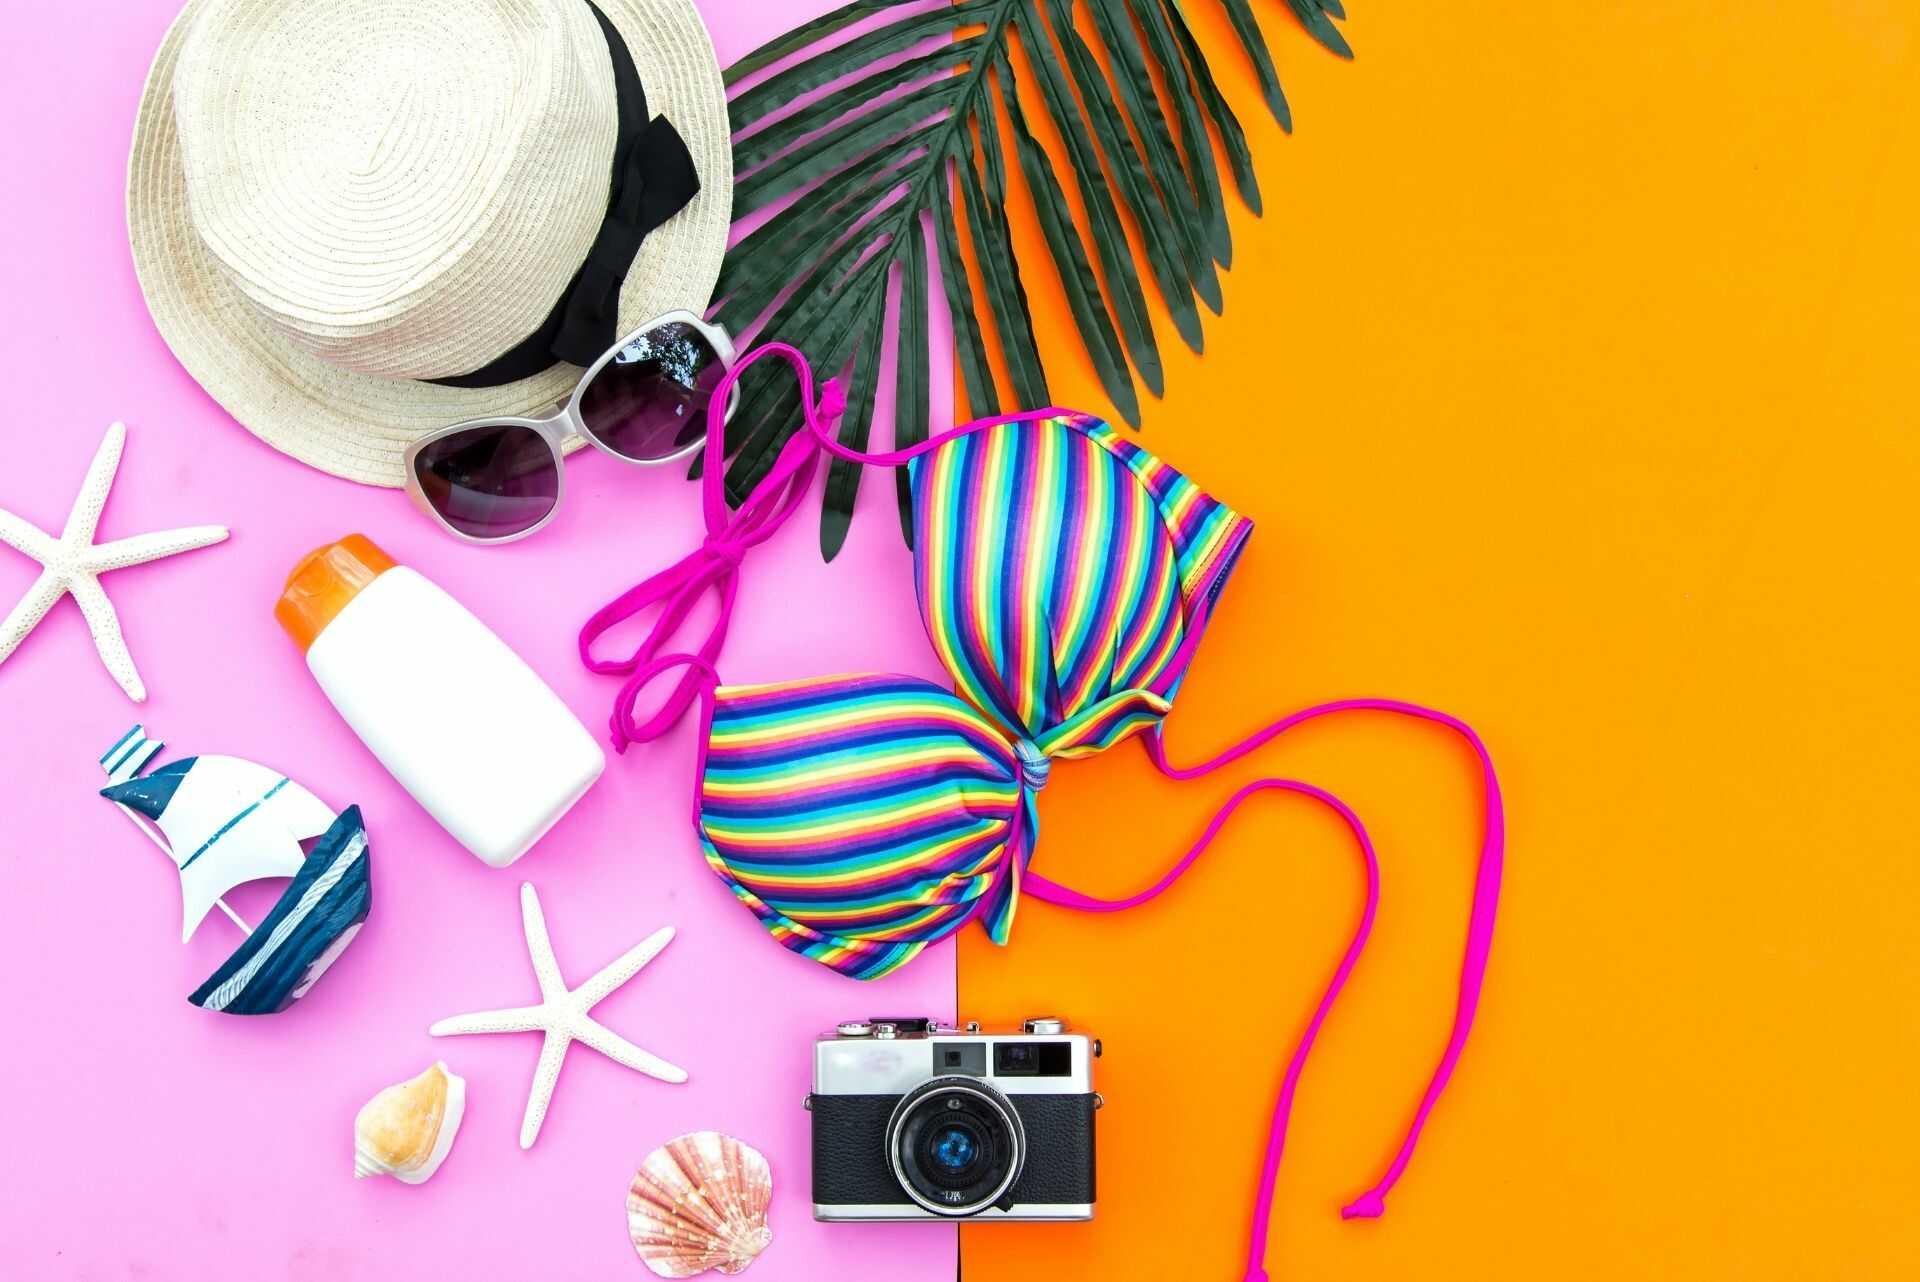 Le starter pack pour un été en beauté - Ô magazine